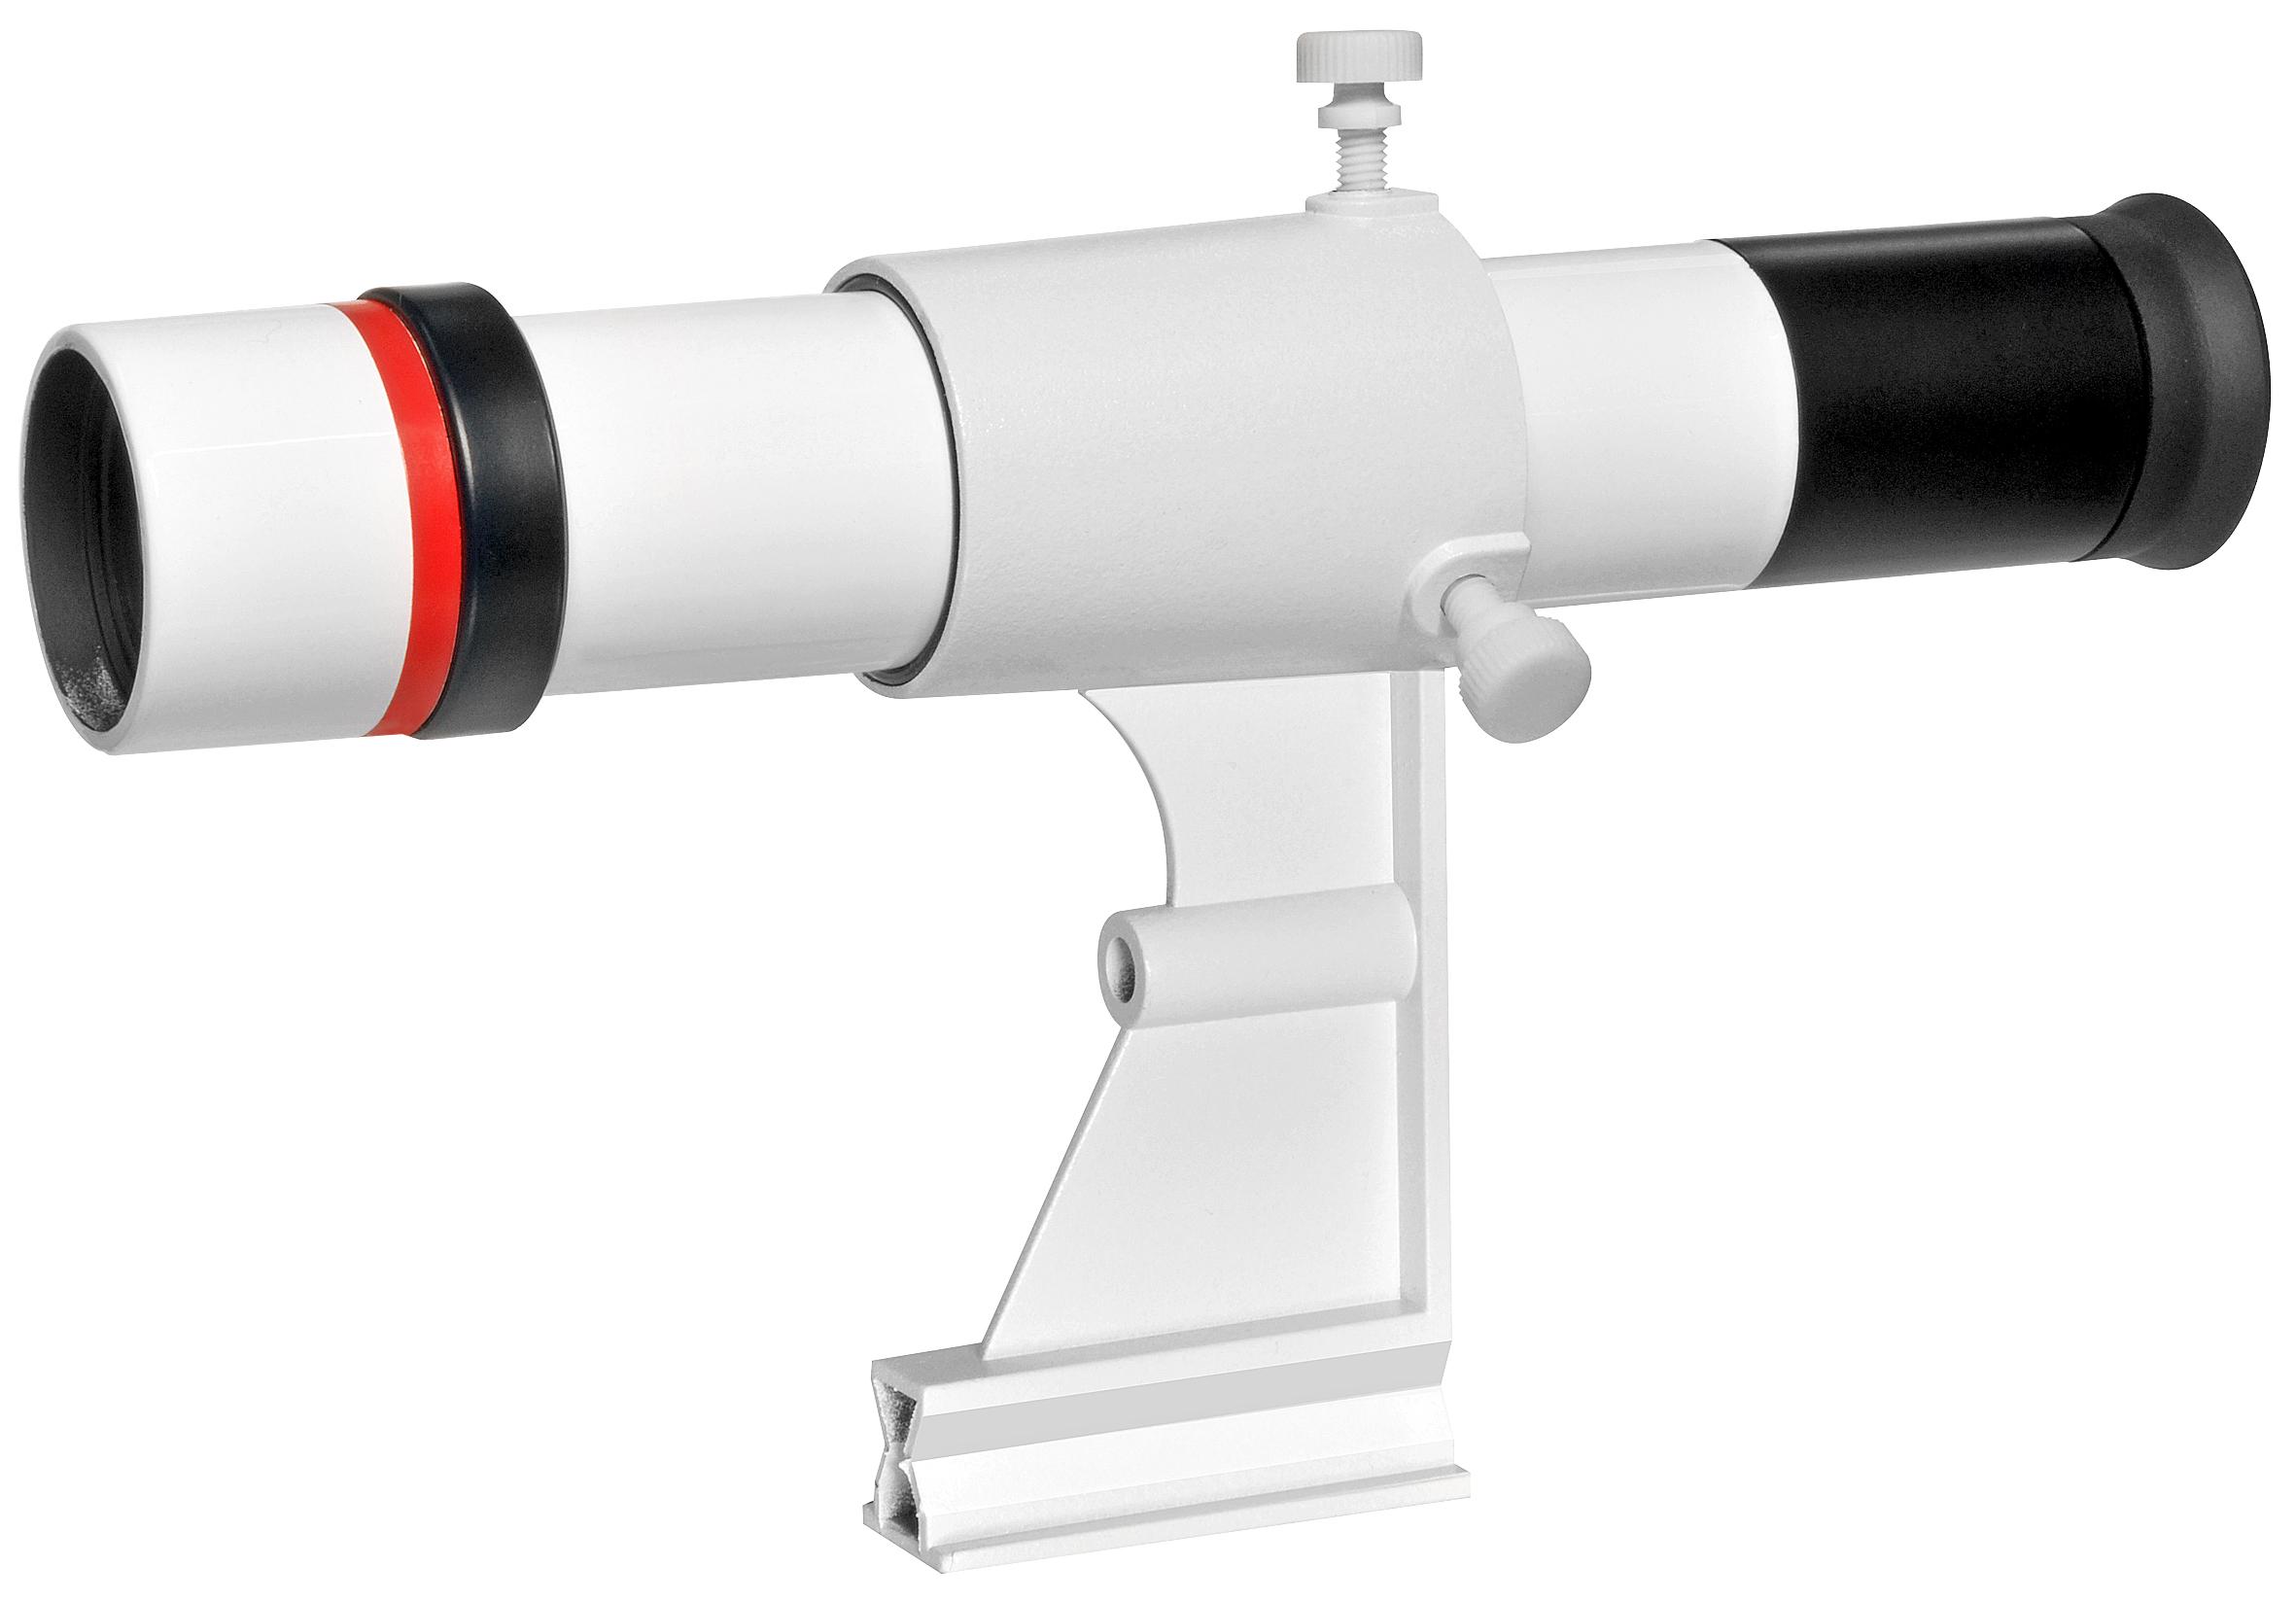 Bresser teleskop solarix az mit stativ für astonomische